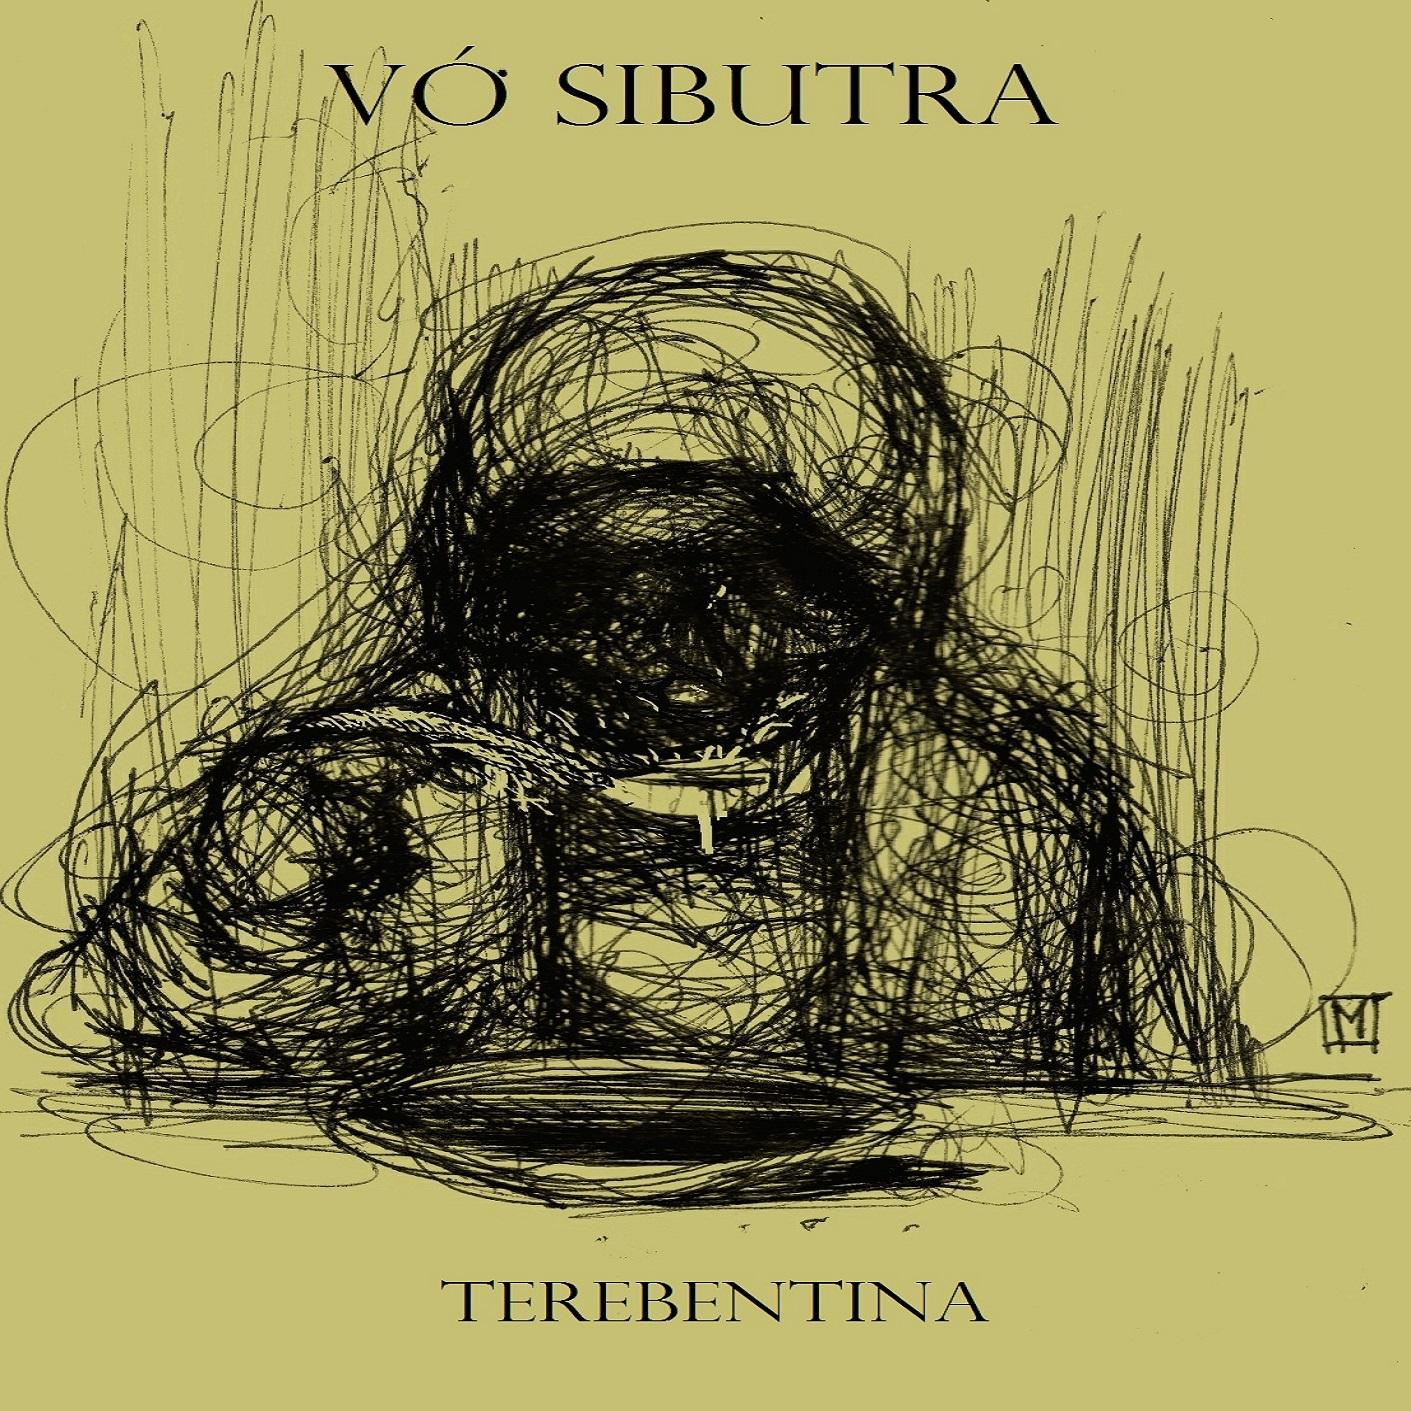 MSRCD055 - Vó Sibutra - Terebentina